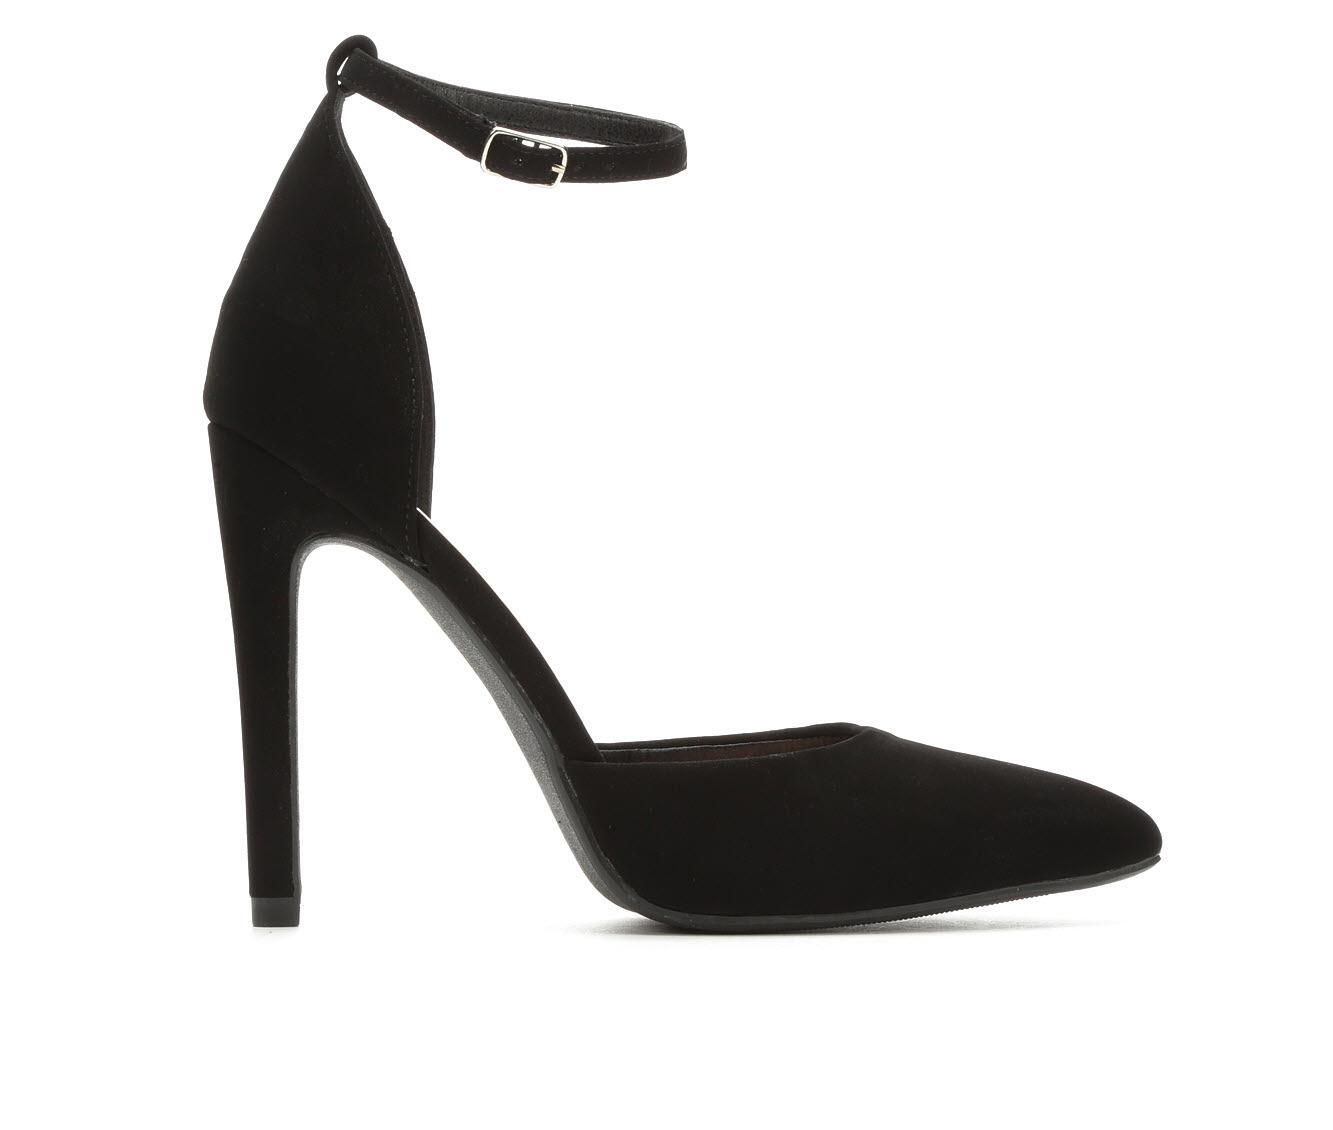 Delicious Unload Women's Dress Shoe (Black Faux Leather)